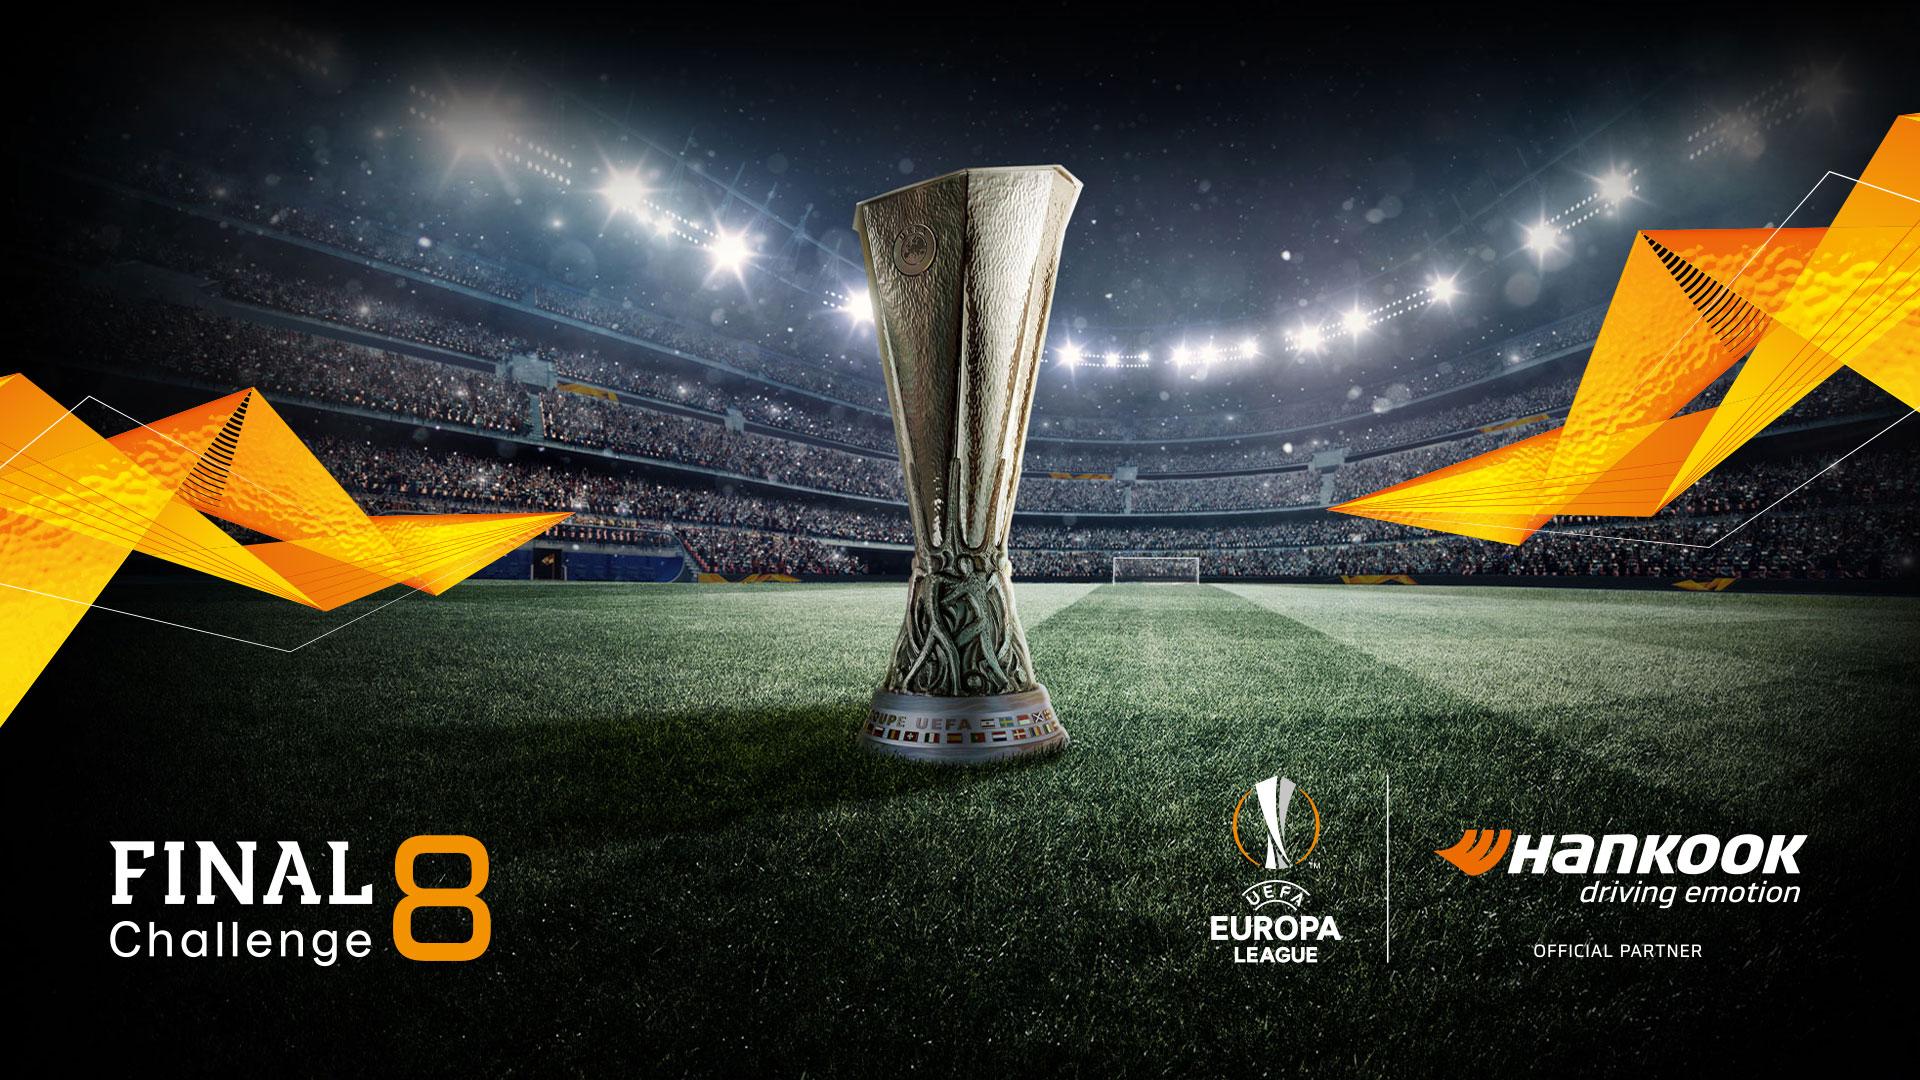 uefa europa league final 8 challenge hankook tire uefa europa league final 8 challenge